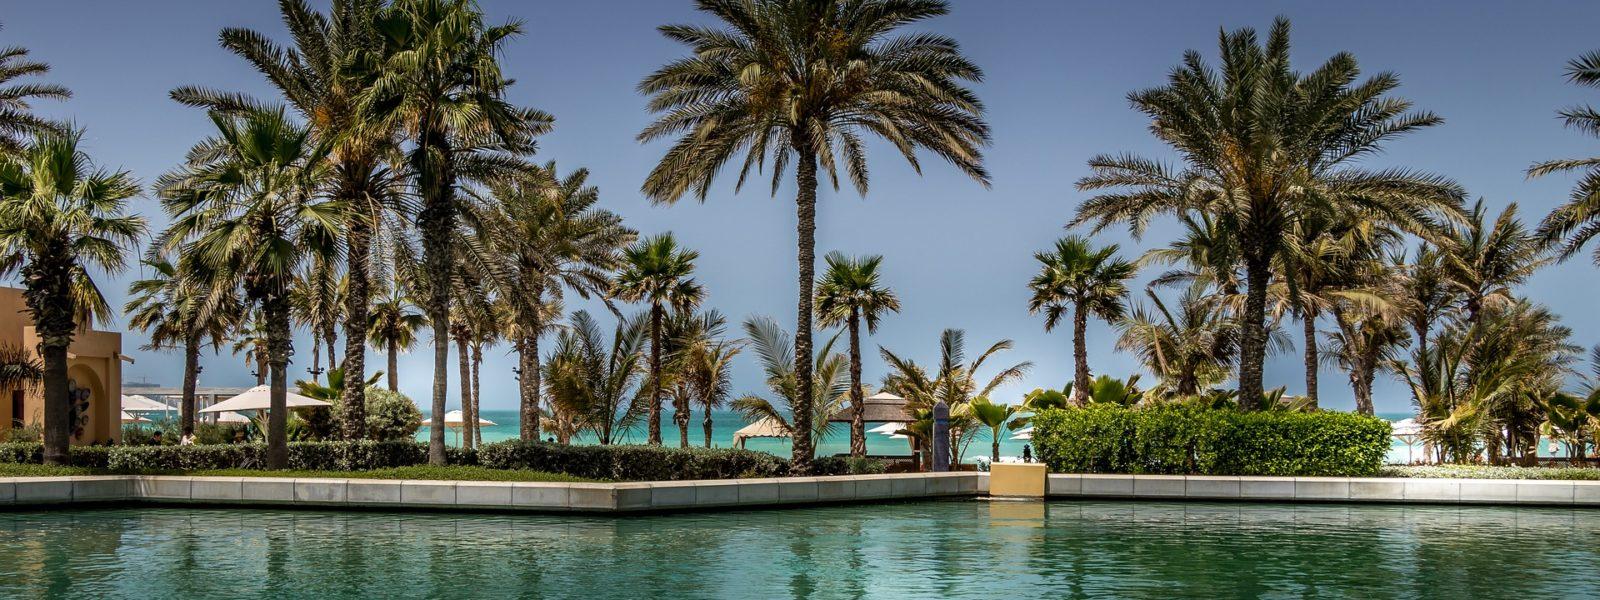 هل يجب أن تكون مليونيرا كي تقضي عطلتك في دبي؟